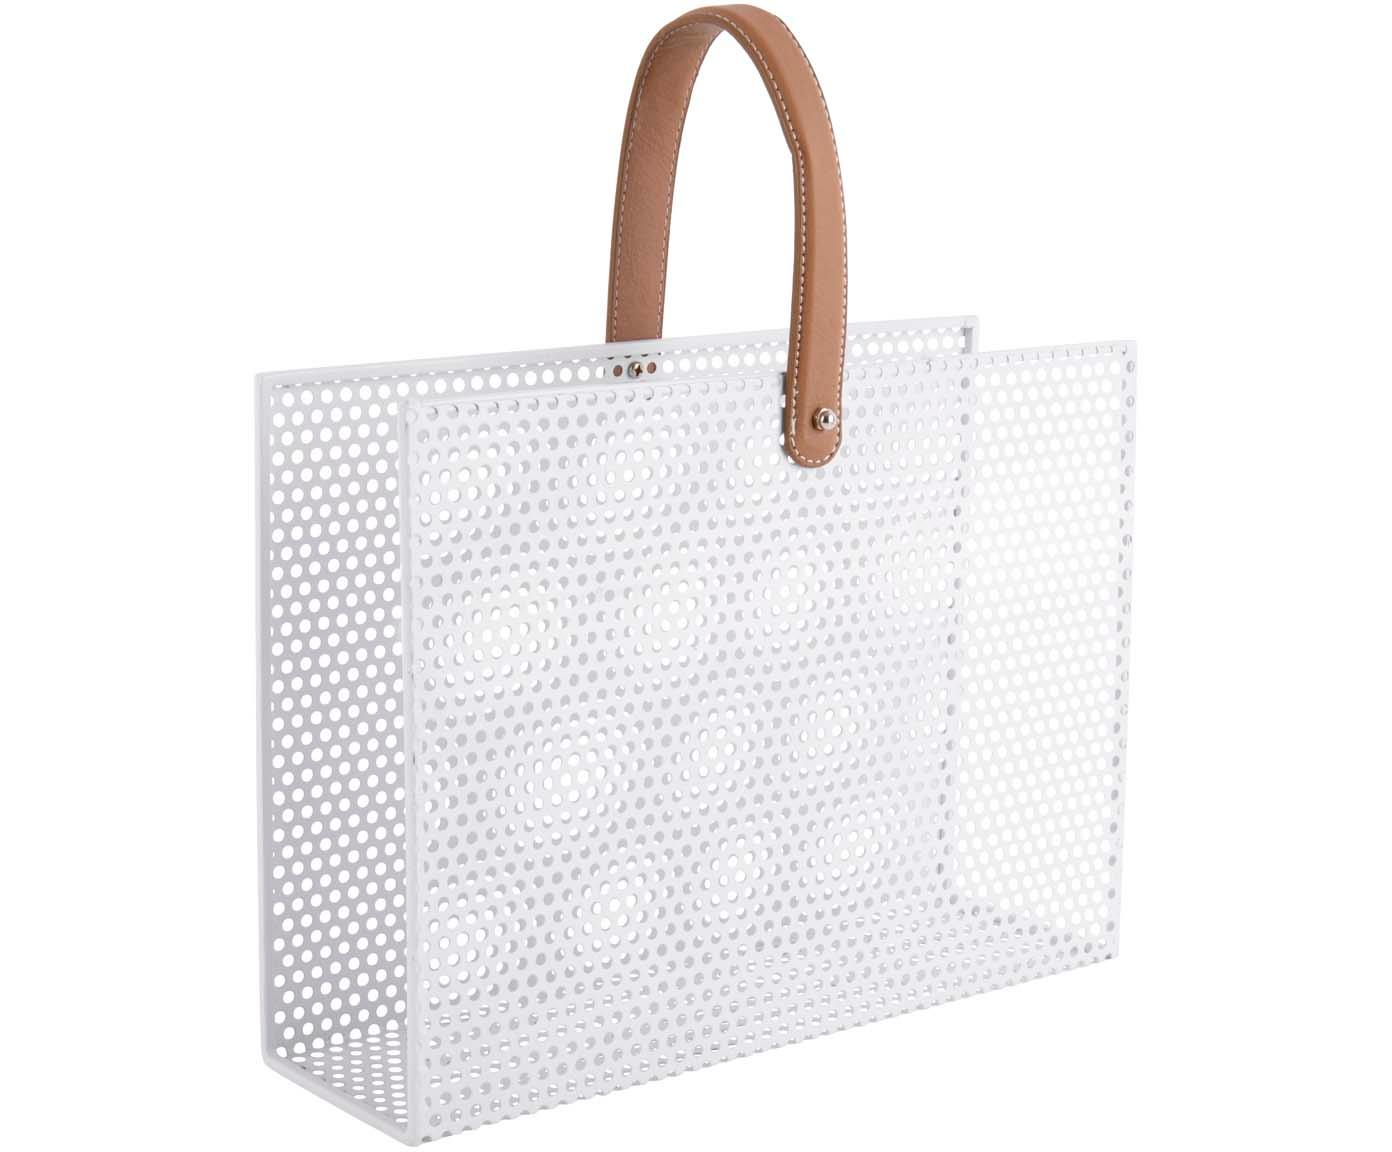 Zeitschriftenhalter Perkys, Metall, lackiert, Weiß, Braun, 30 x 33 cm